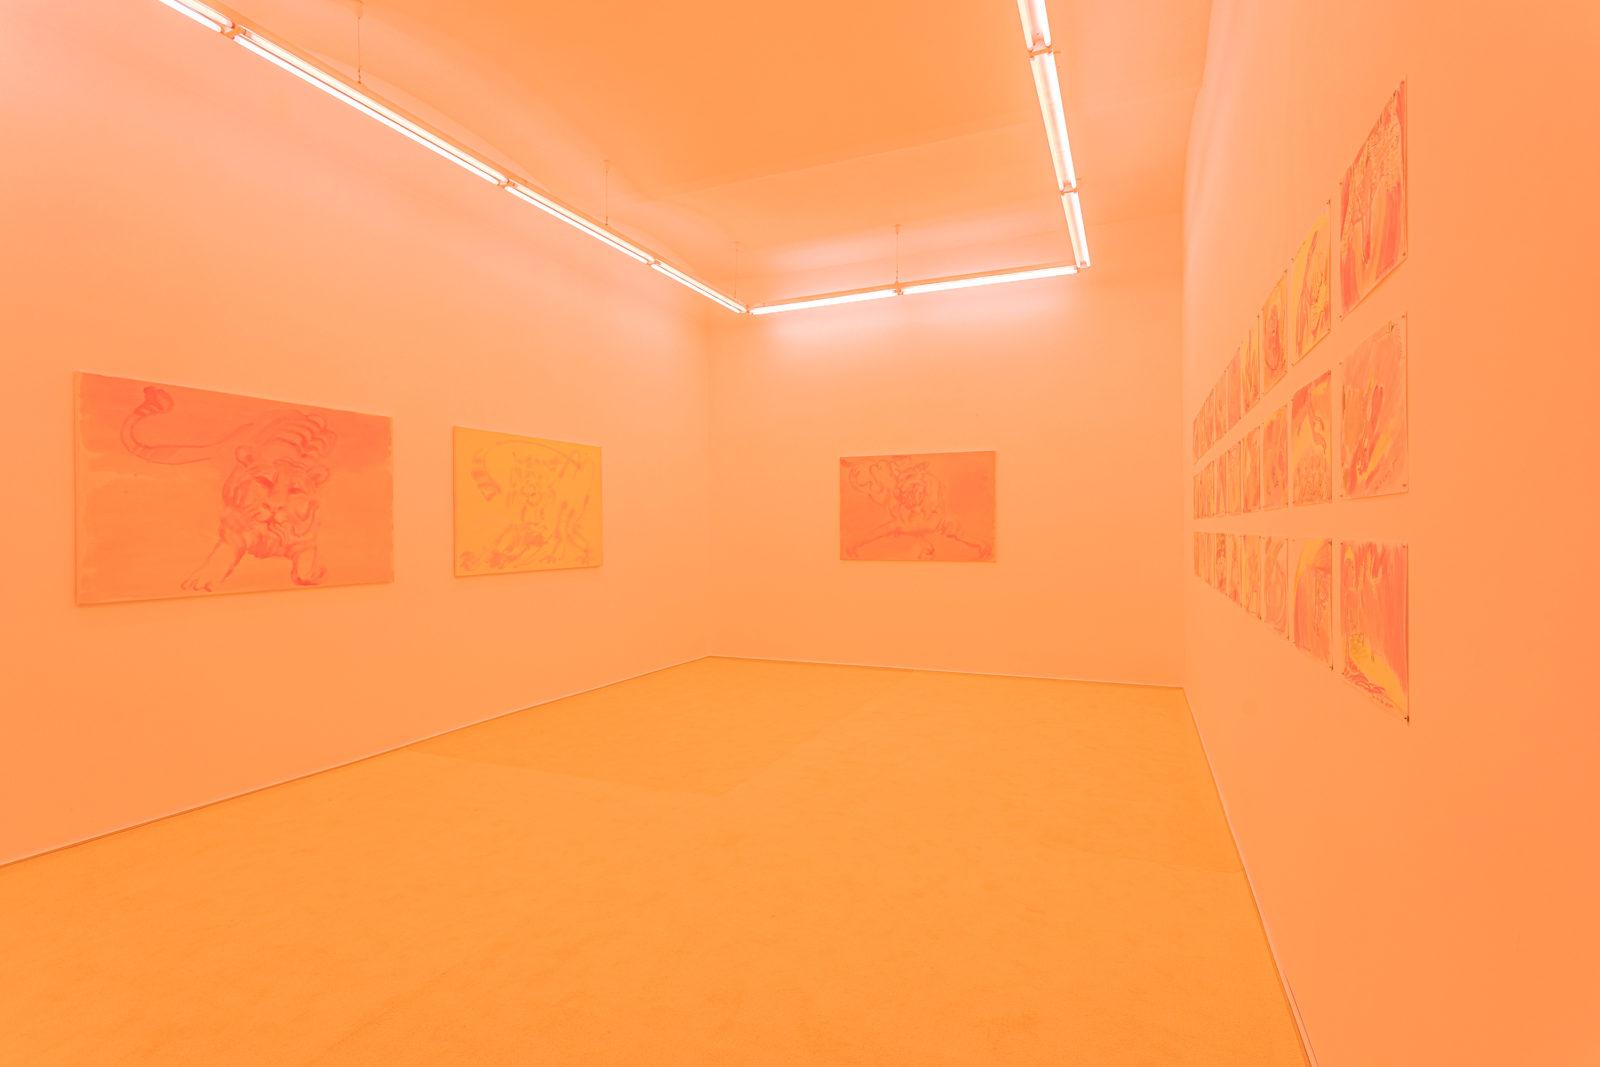 Az acb a járványidőszakban sem áll le: kiállítások a valódi és az online térben